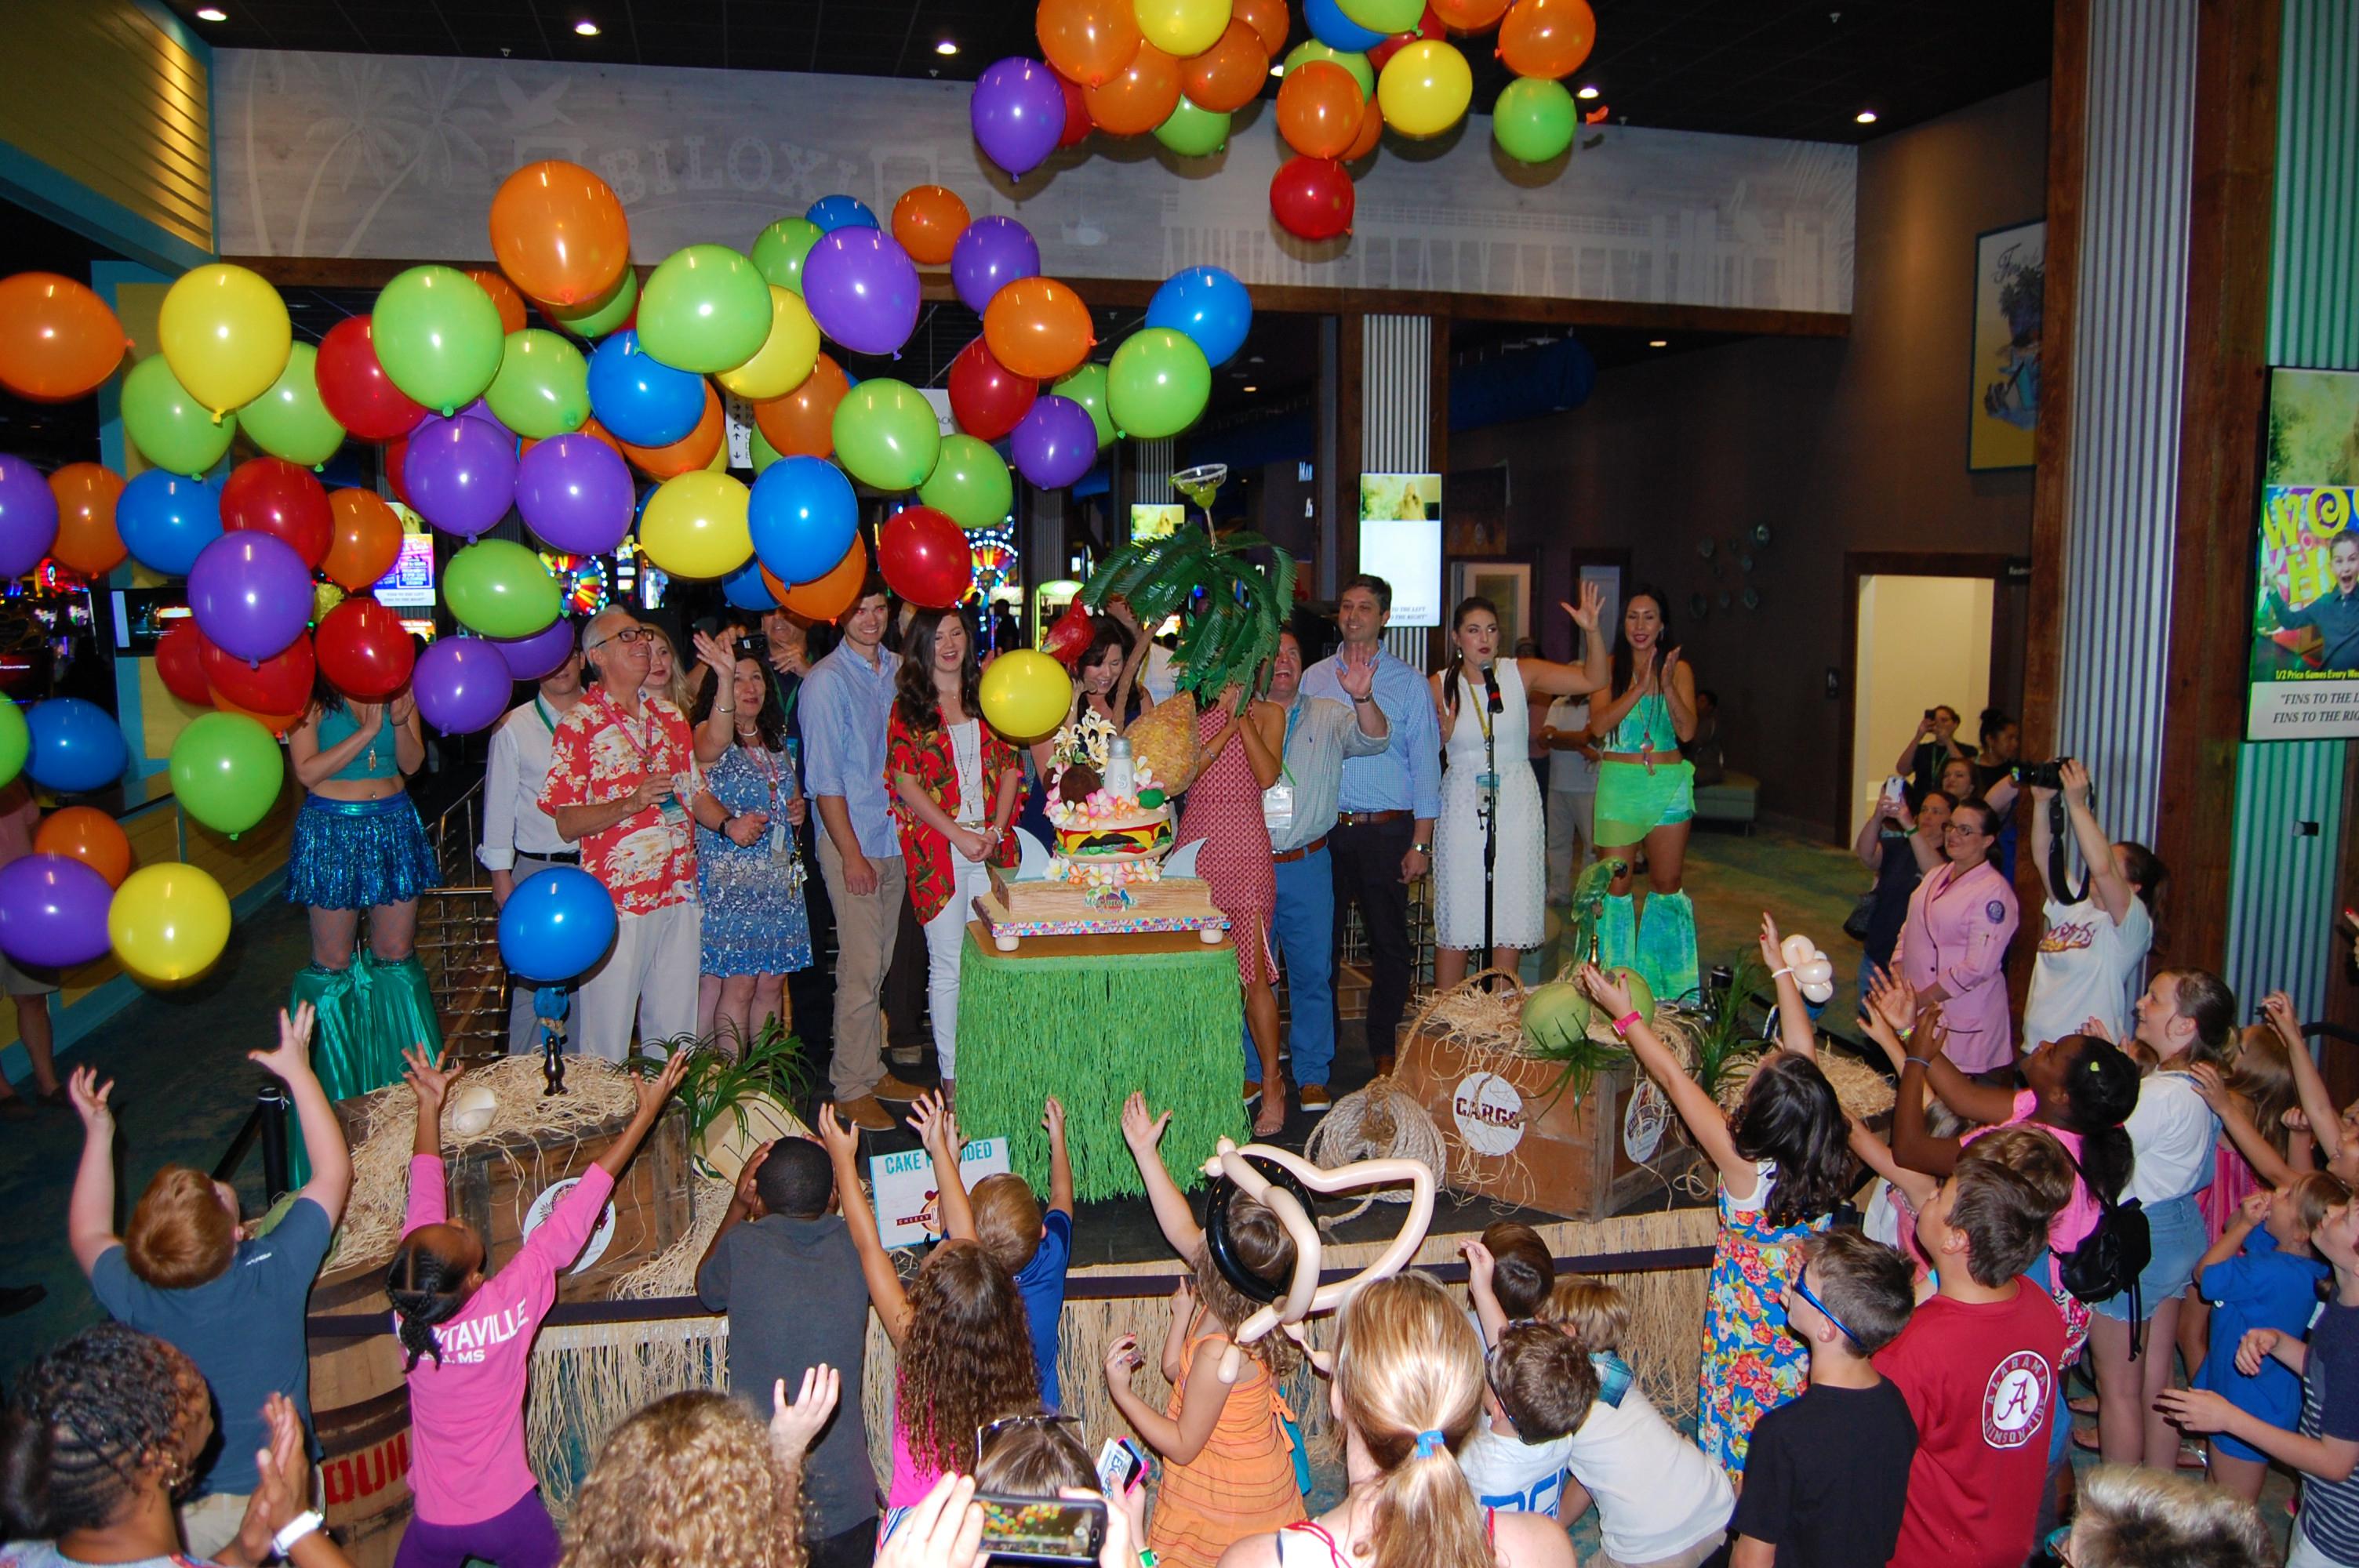 Margaritaville Resort Biloxi One Year Anniversary